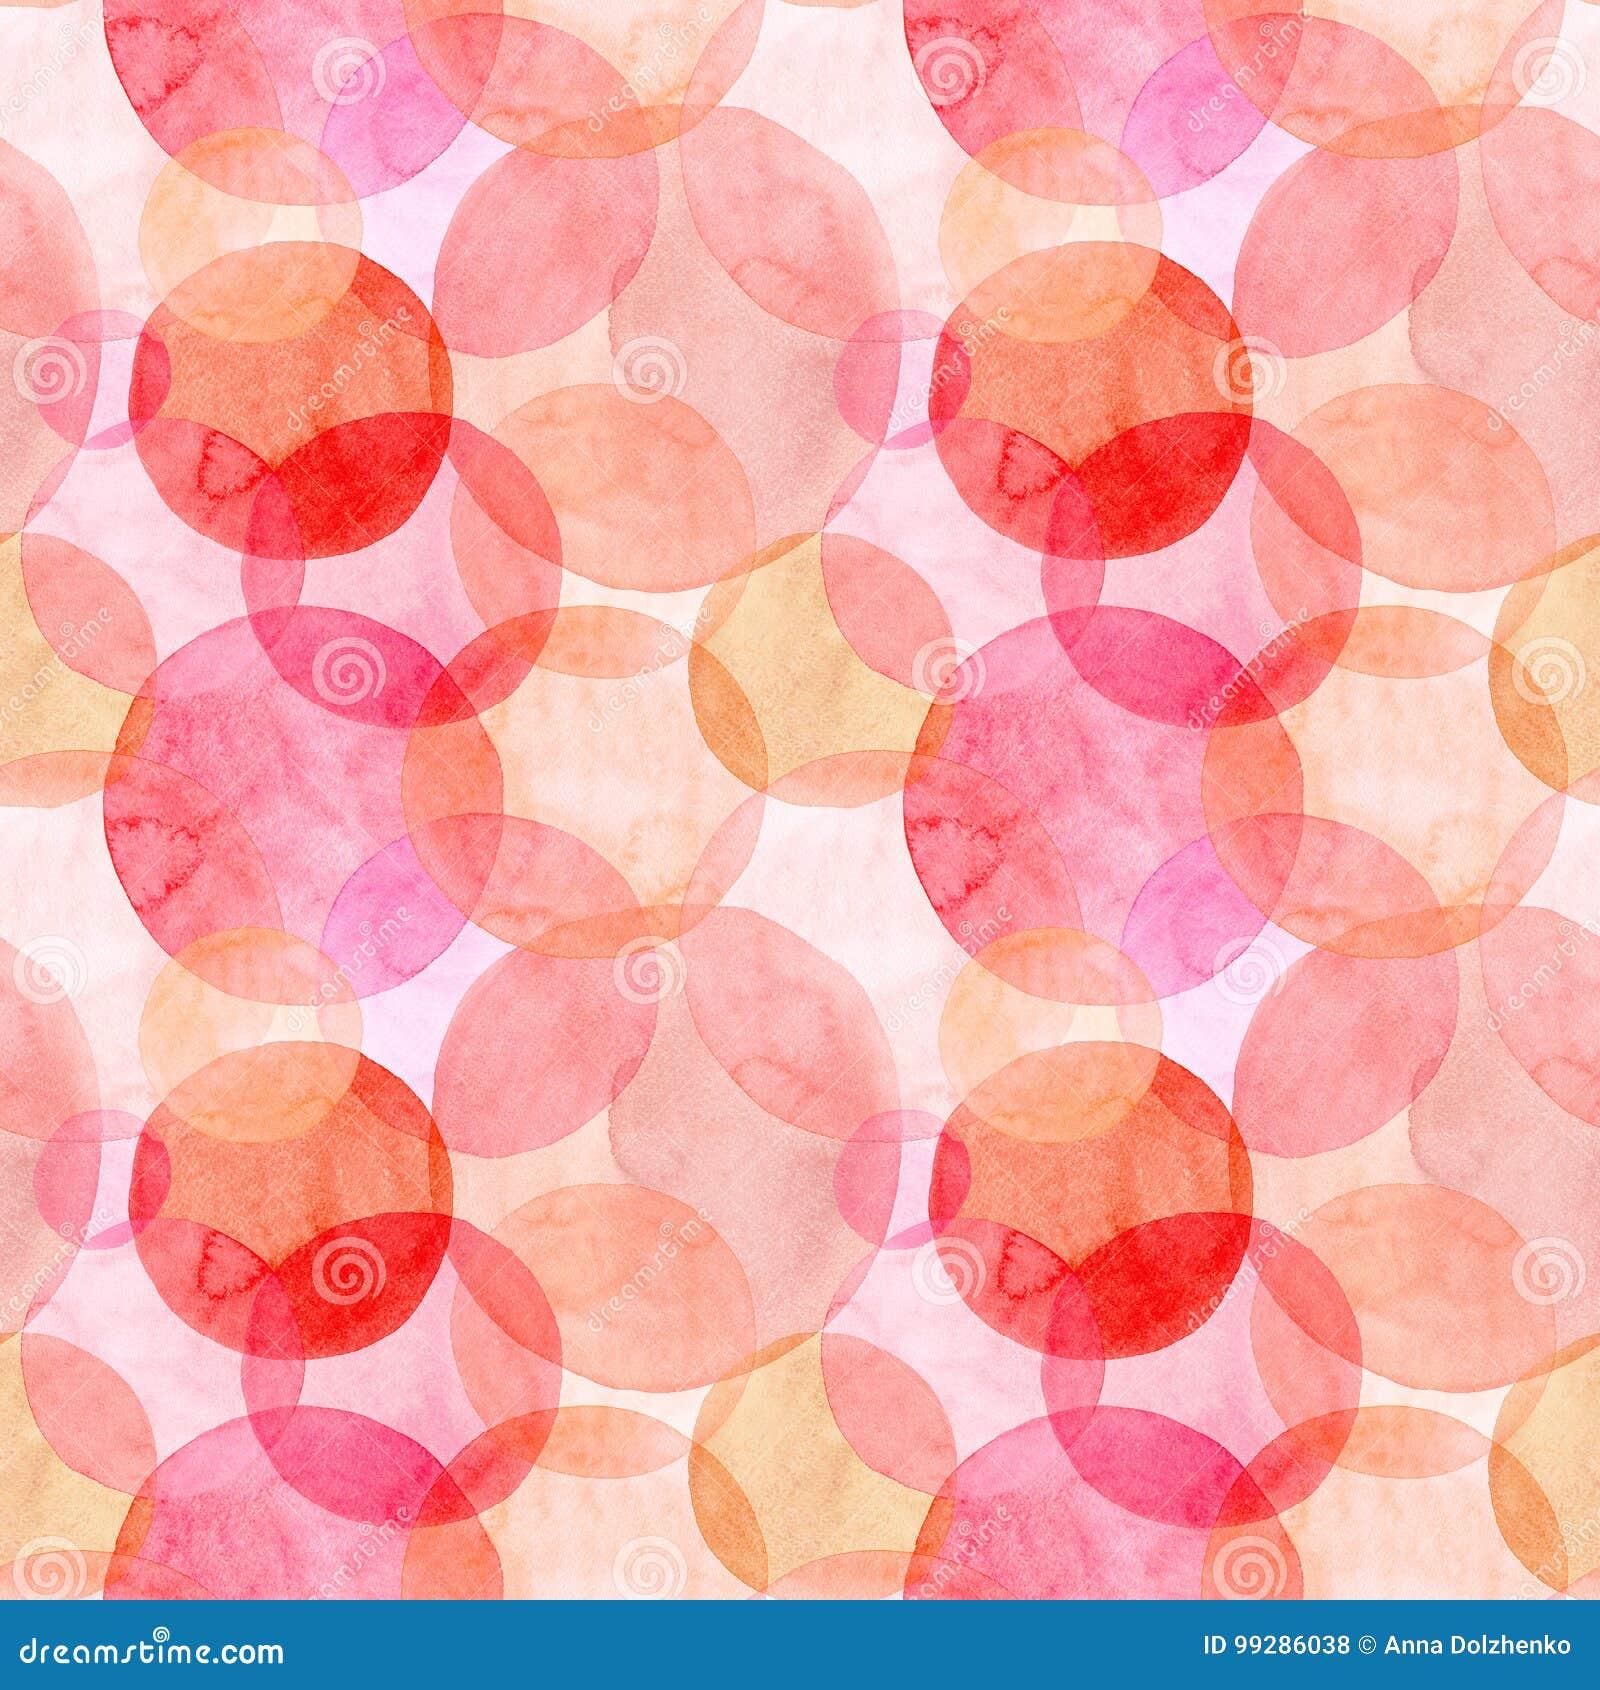 De abstracte mooie artistieke tedere prachtige transparante heldere waterverf van het de vormenpatroon van de herfst oranje rozer